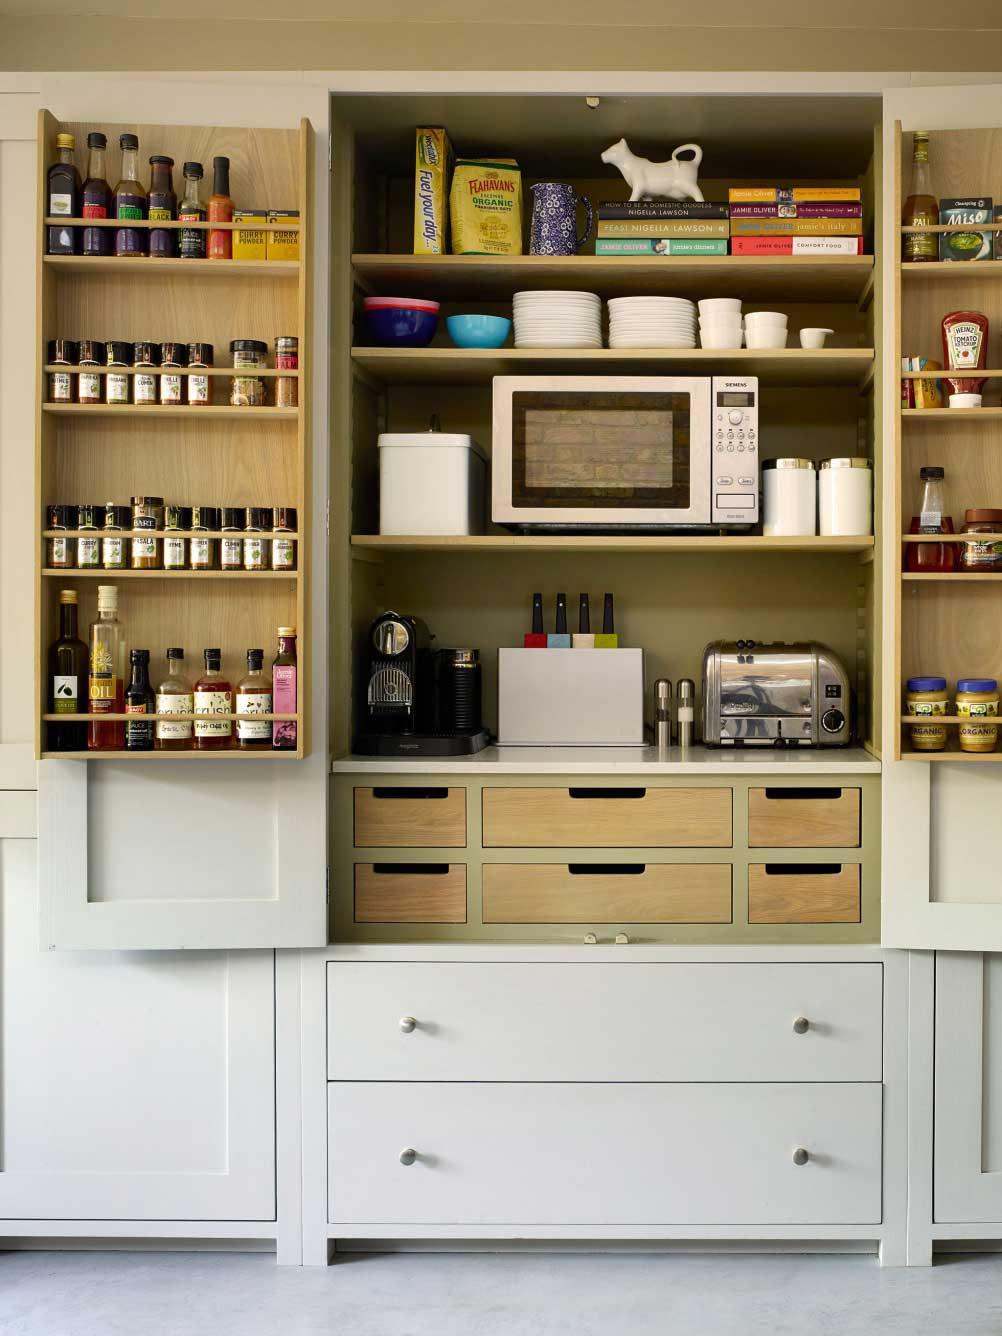 durden-cupboard-1002x1336